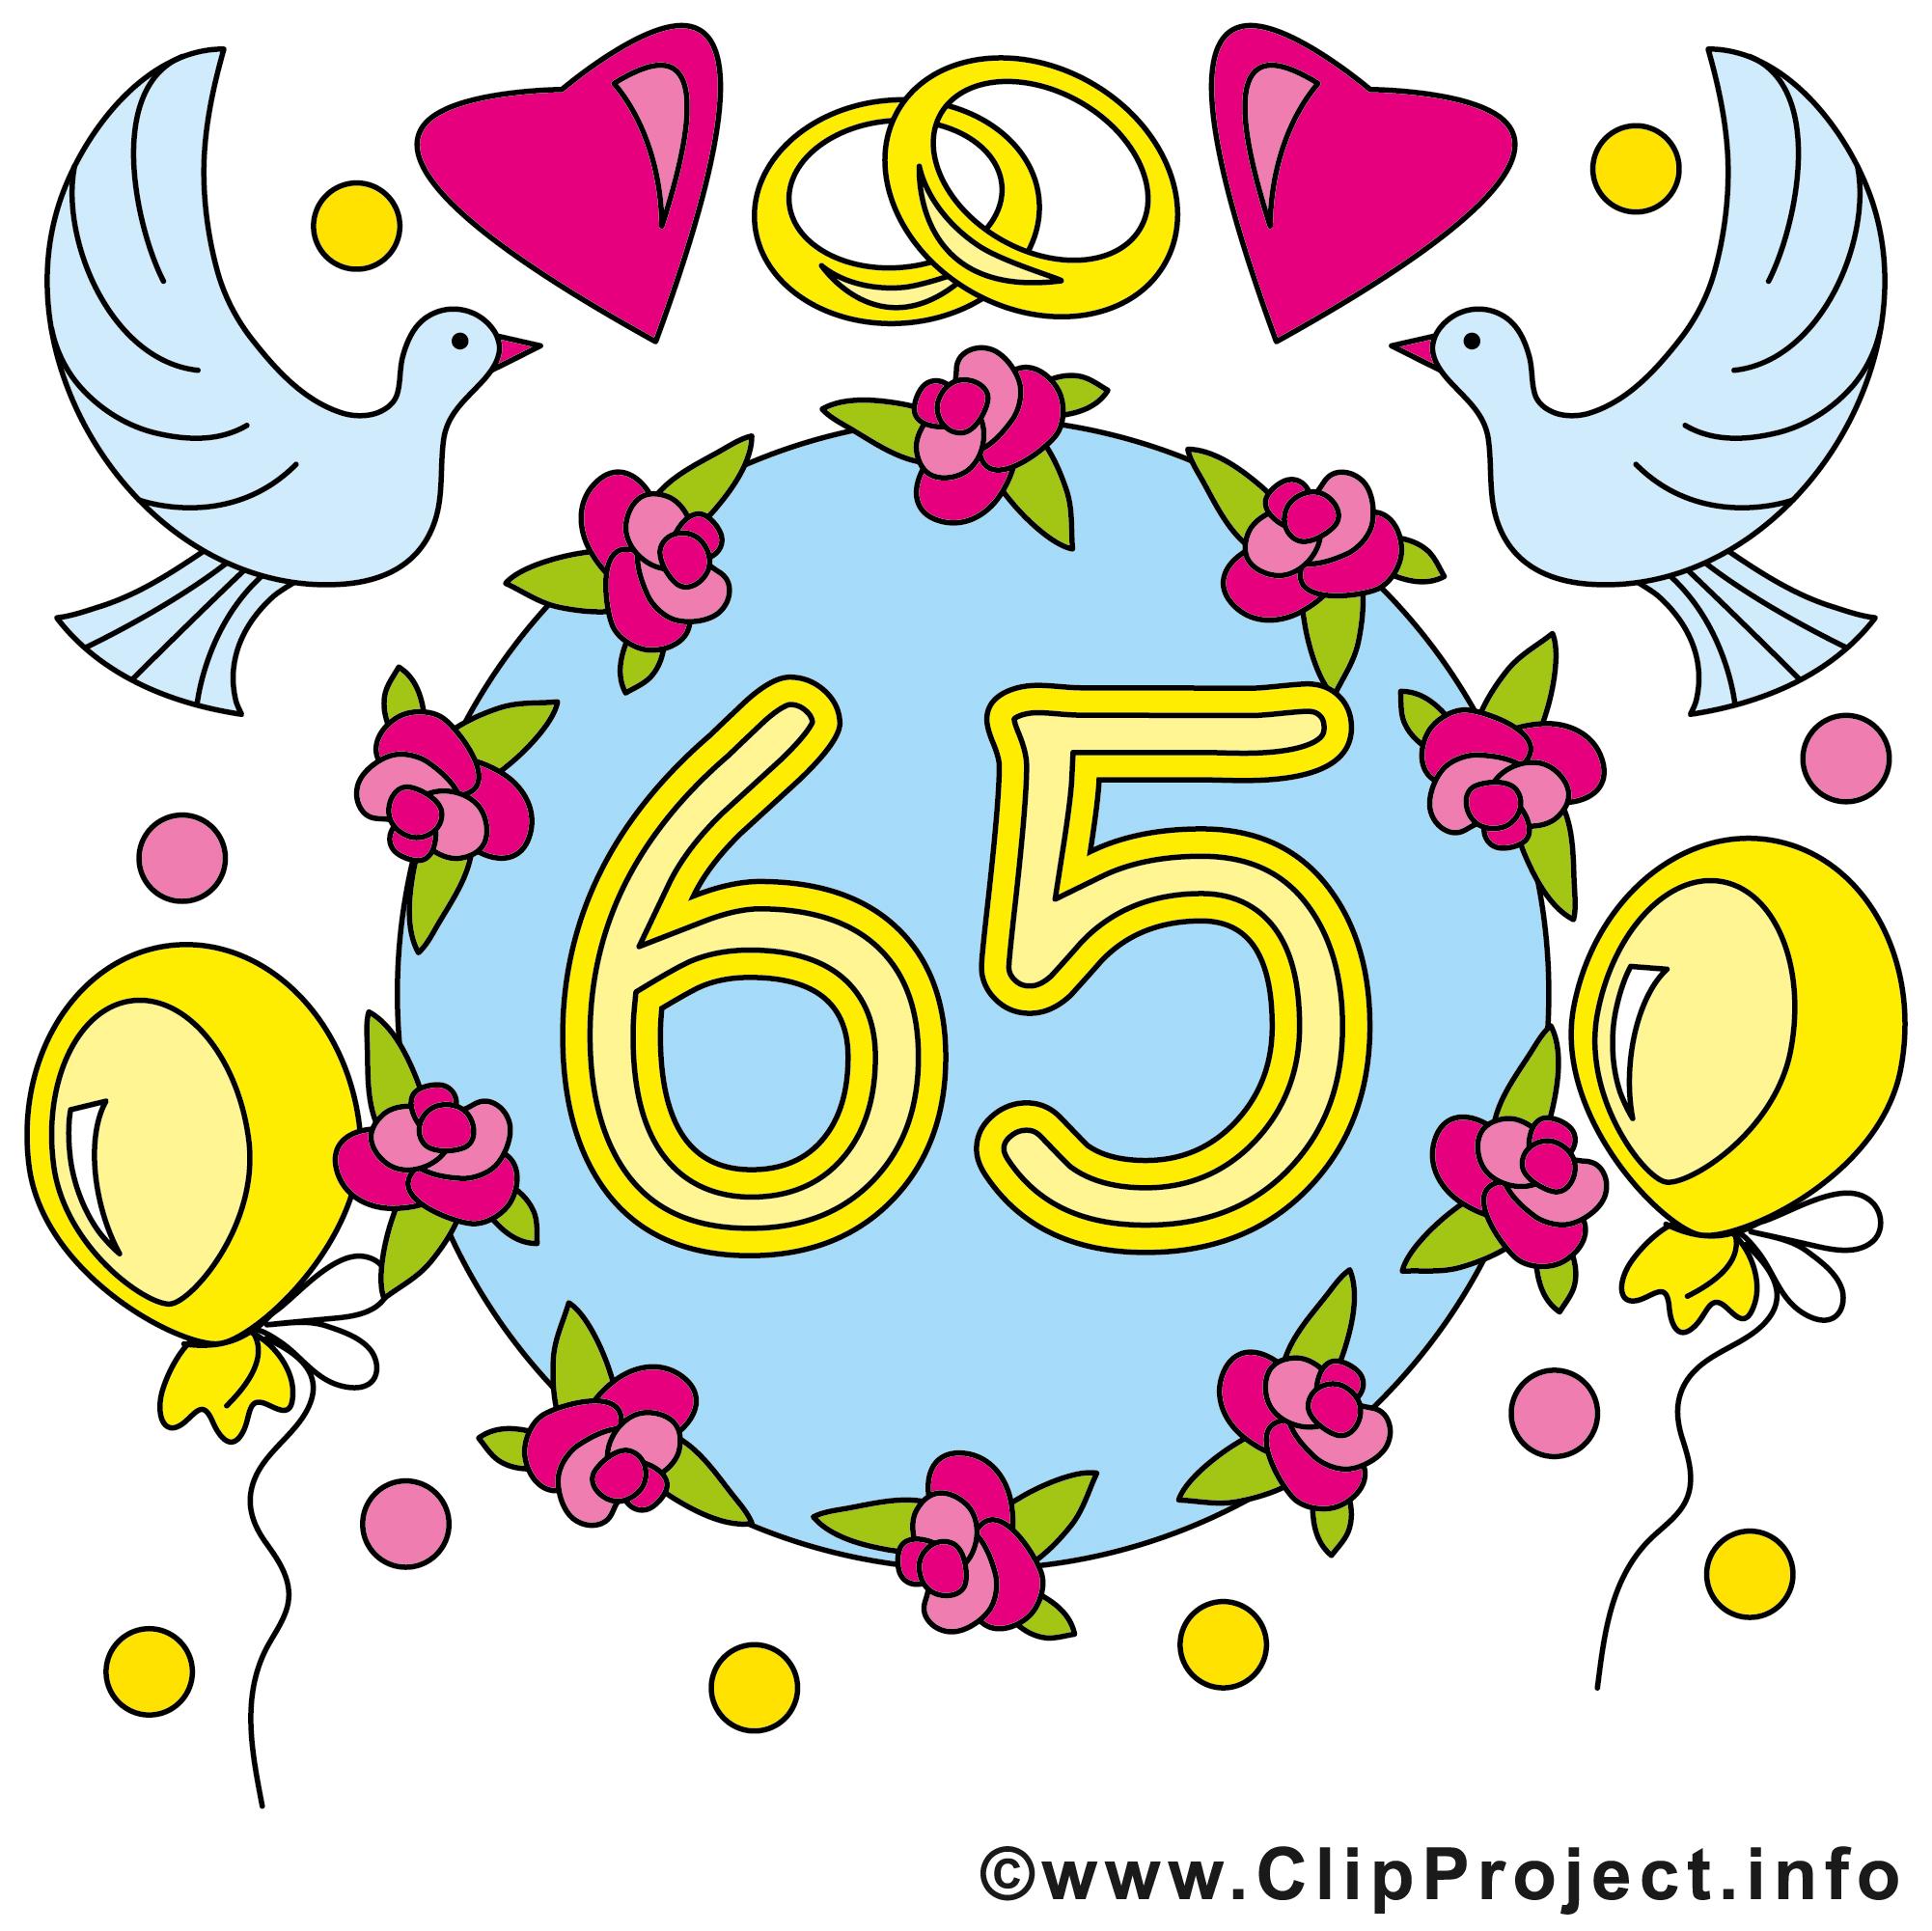 65 ans anniversaire mariage cliparts t l charger anniversaires de mariage dessin picture - Clipart anniversaire gratuit telecharger ...